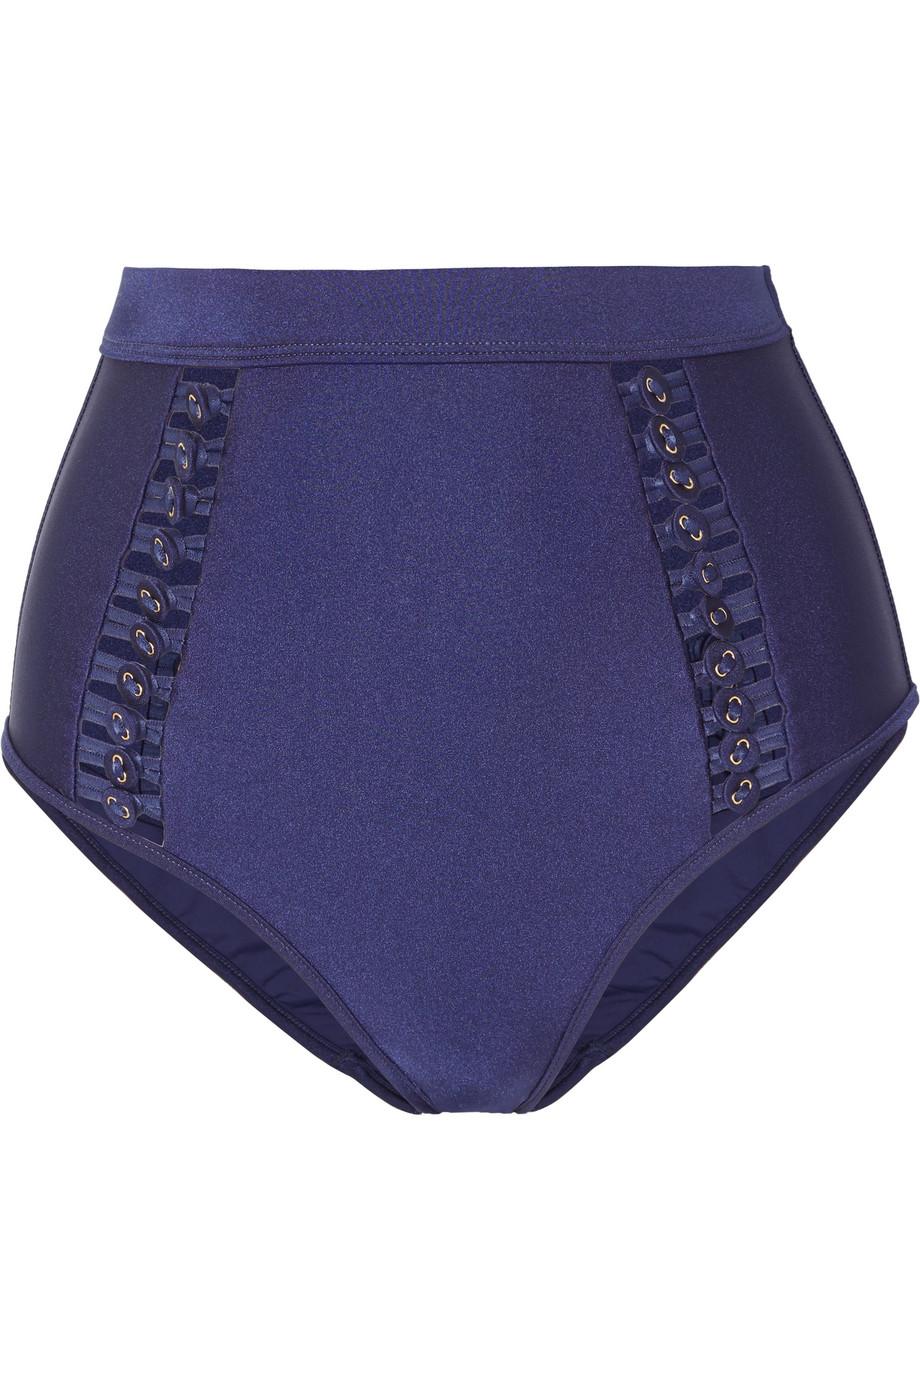 Zimmermann Bowie Bikini-Höschen mit Zierknöpfen